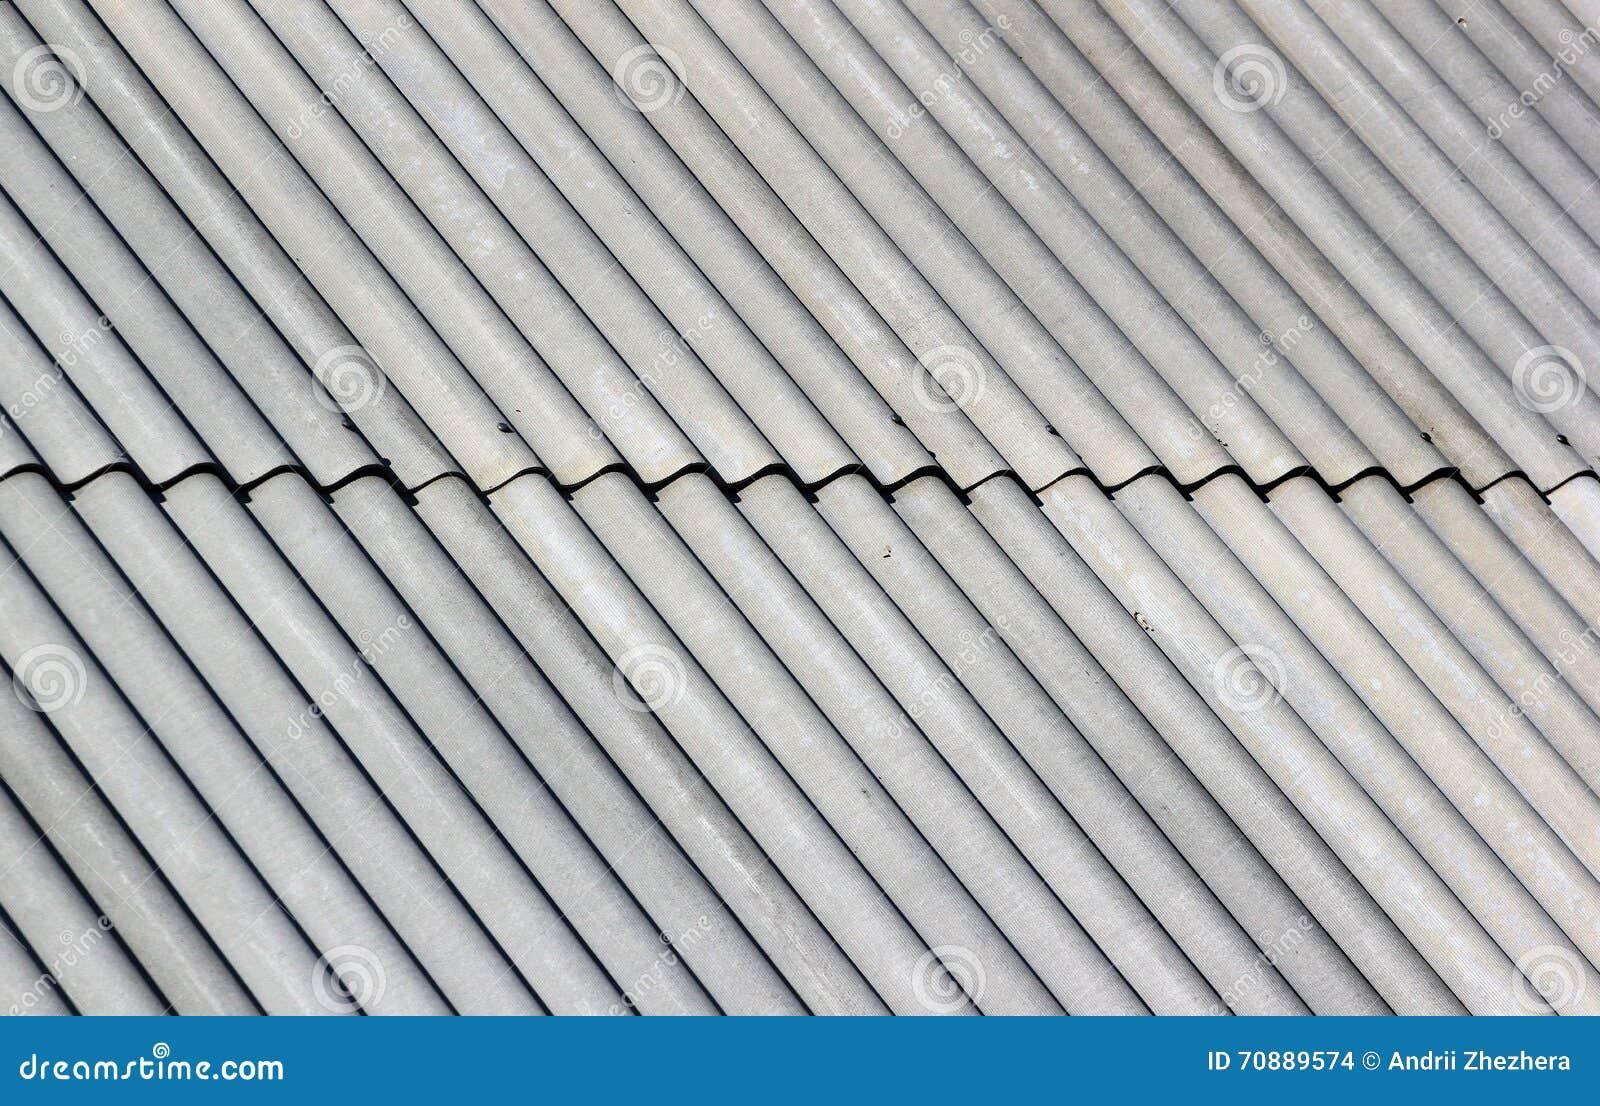 Fondo ondulado gris del modelo del tejado de pizarra foto - Tejado de pizarra ...